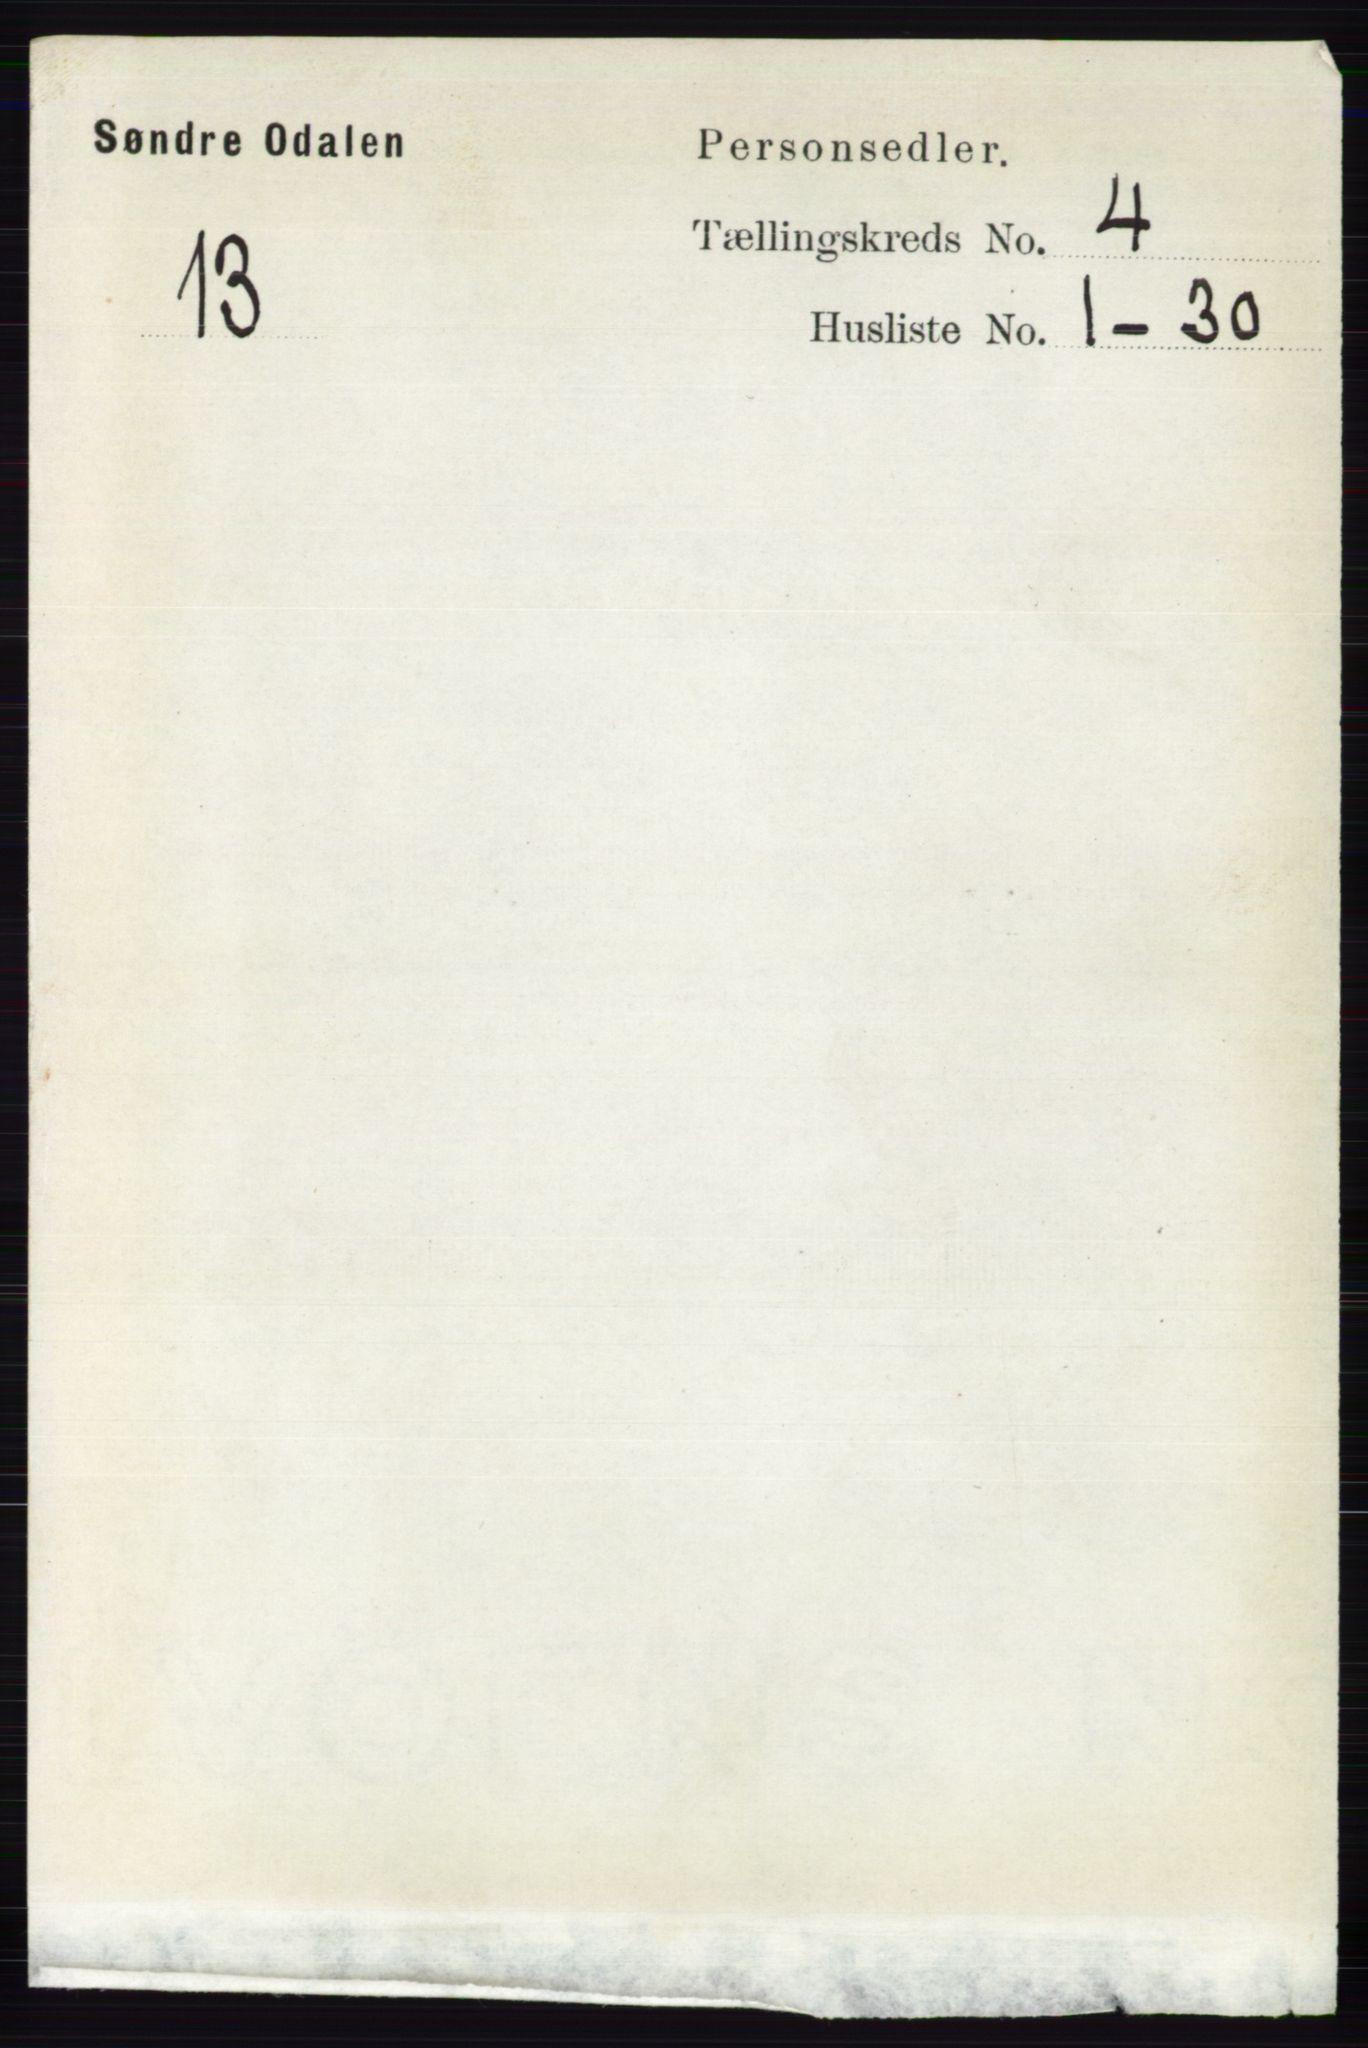 RA, Folketelling 1891 for 0419 Sør-Odal herred, 1891, s. 1739